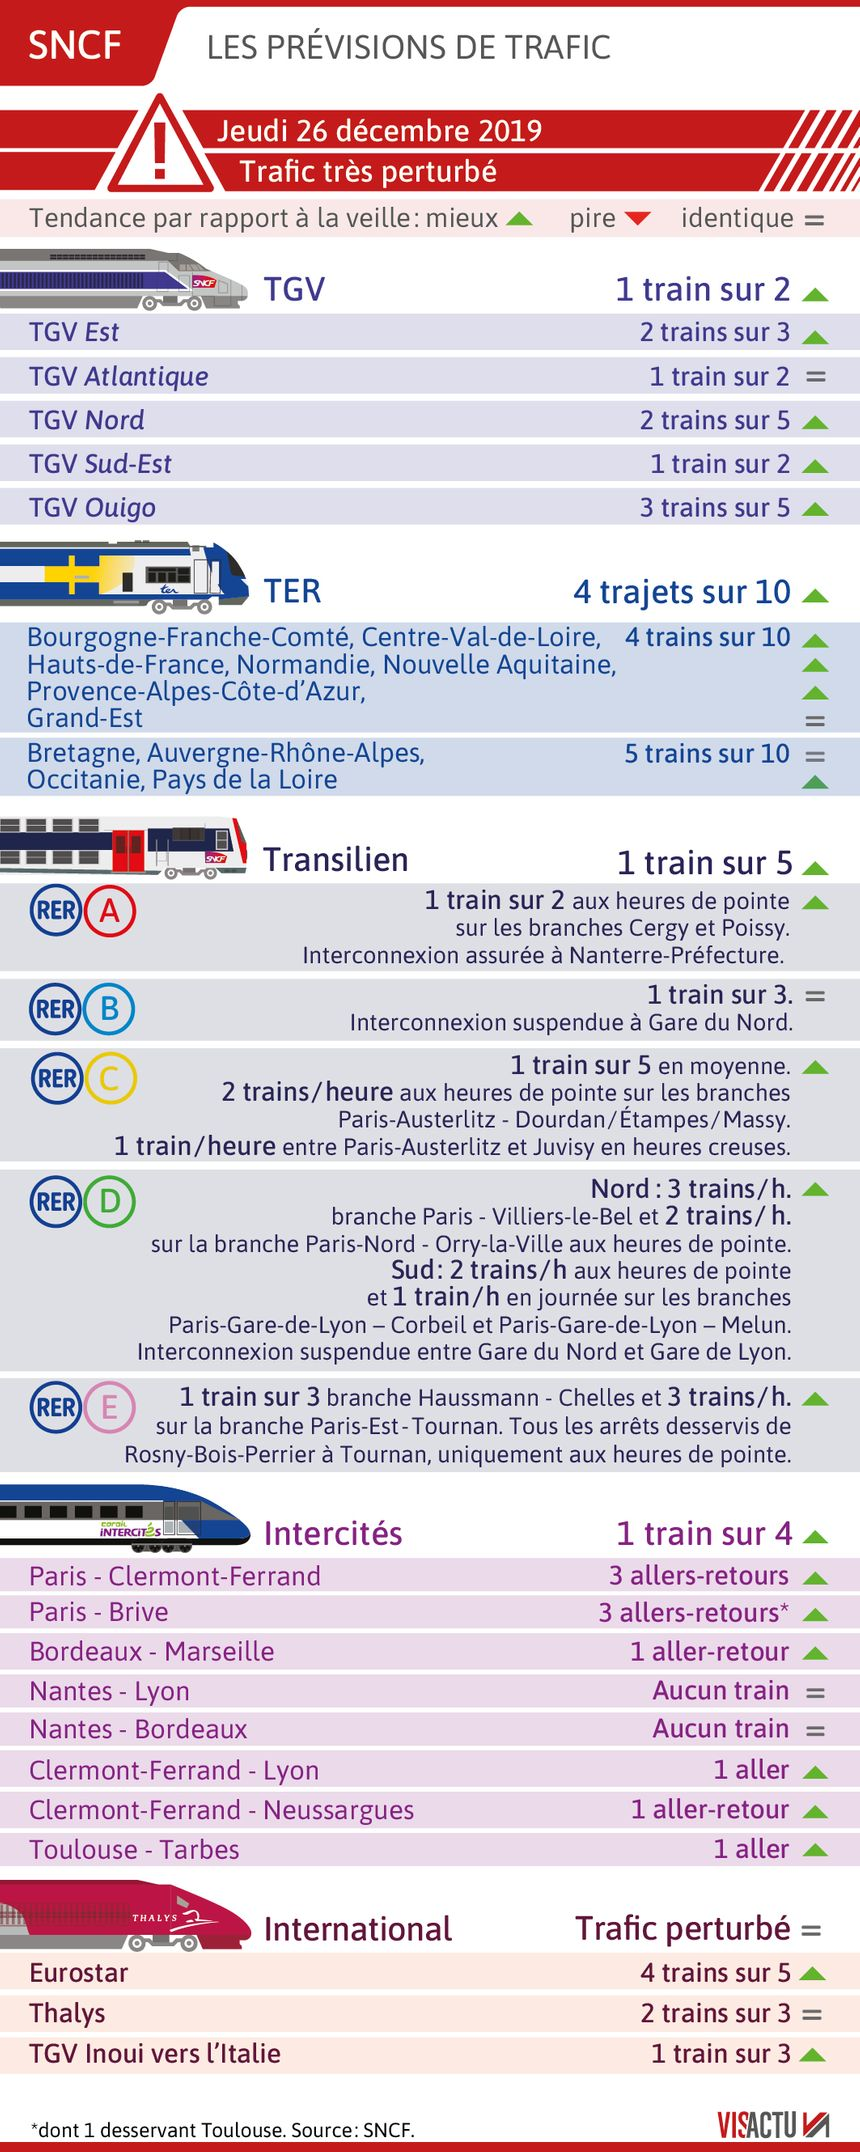 SNCF : les prévisions de circulation pour le 26 décembre